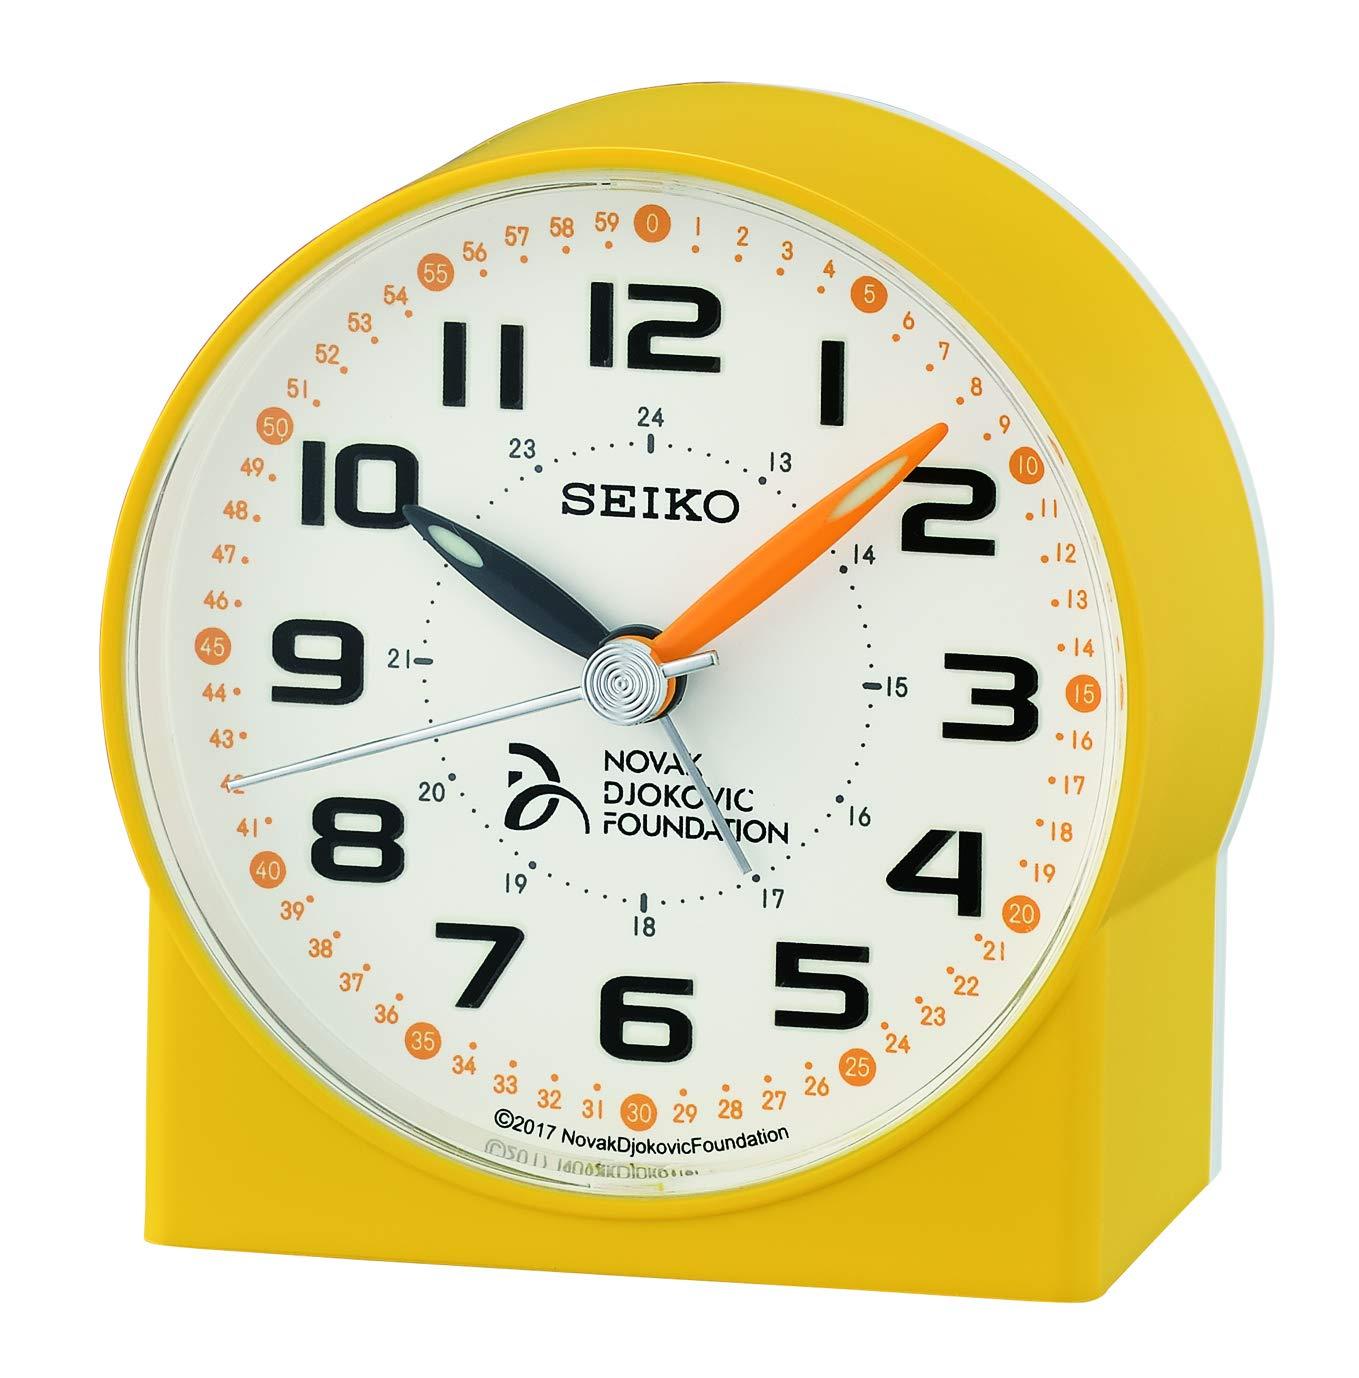 Kunststoff Seiko Wecker gelb 8.2 x 7.8 x 4.3